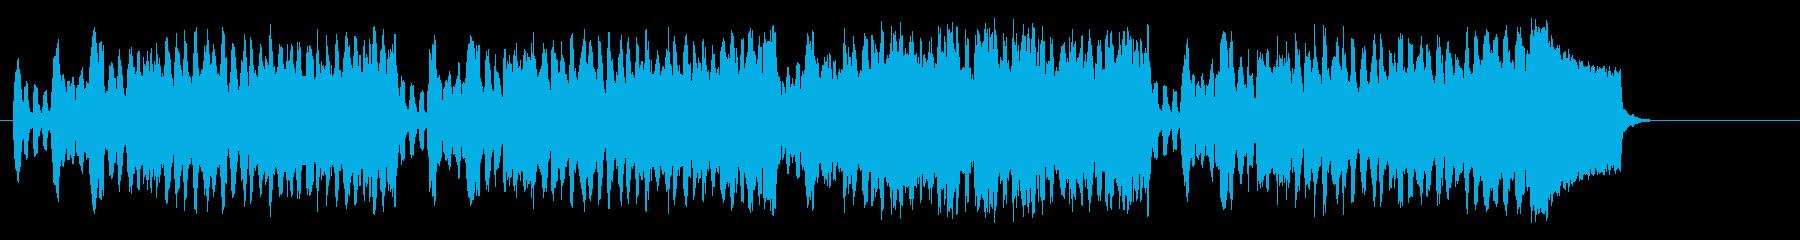 キュートなバロック・セミクラシックの再生済みの波形